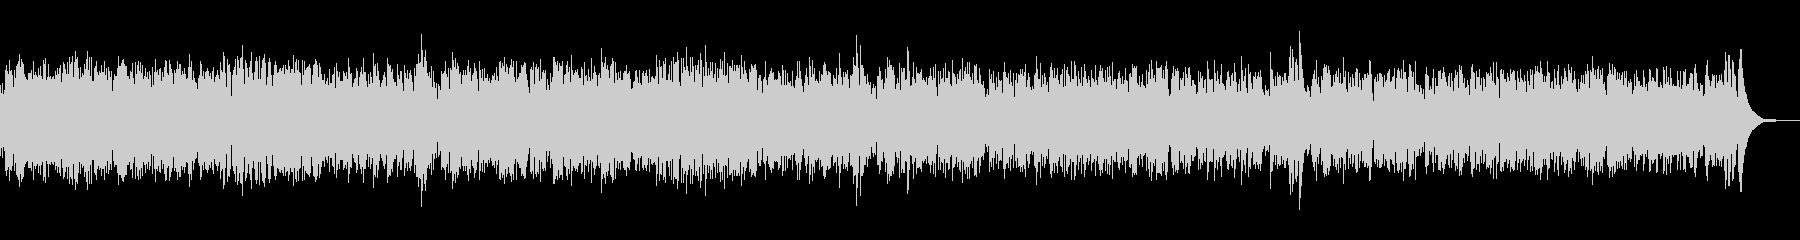 軽快で洒脱なチェンバロ バロック・高音質の未再生の波形